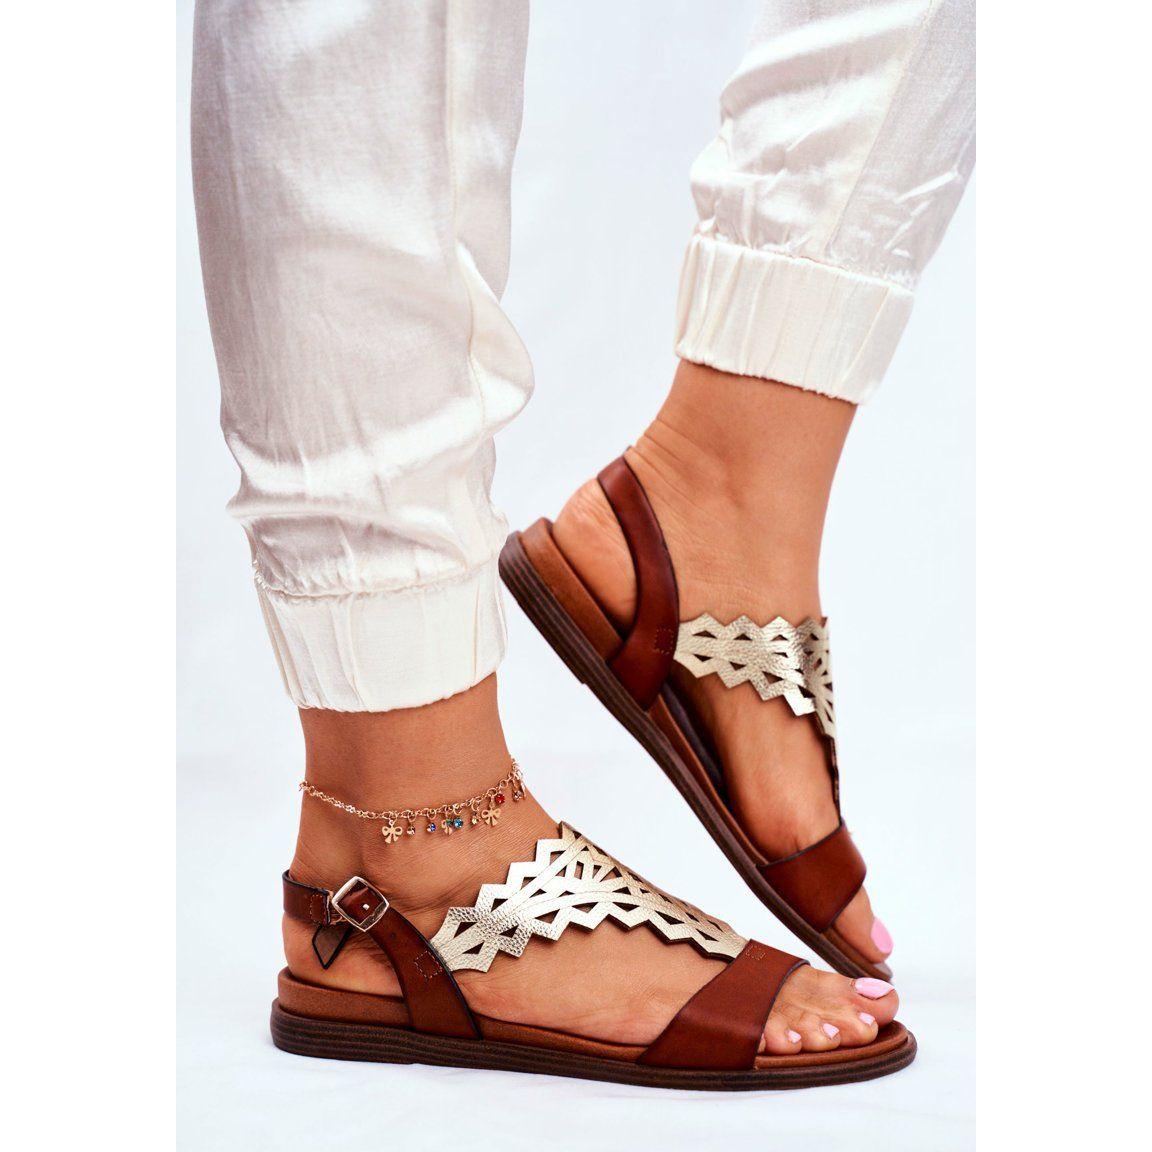 Sandaly Damskie Plaskie Sergio Leone Brazowe Sk035 Srebrny Shoes Fashion Sandals